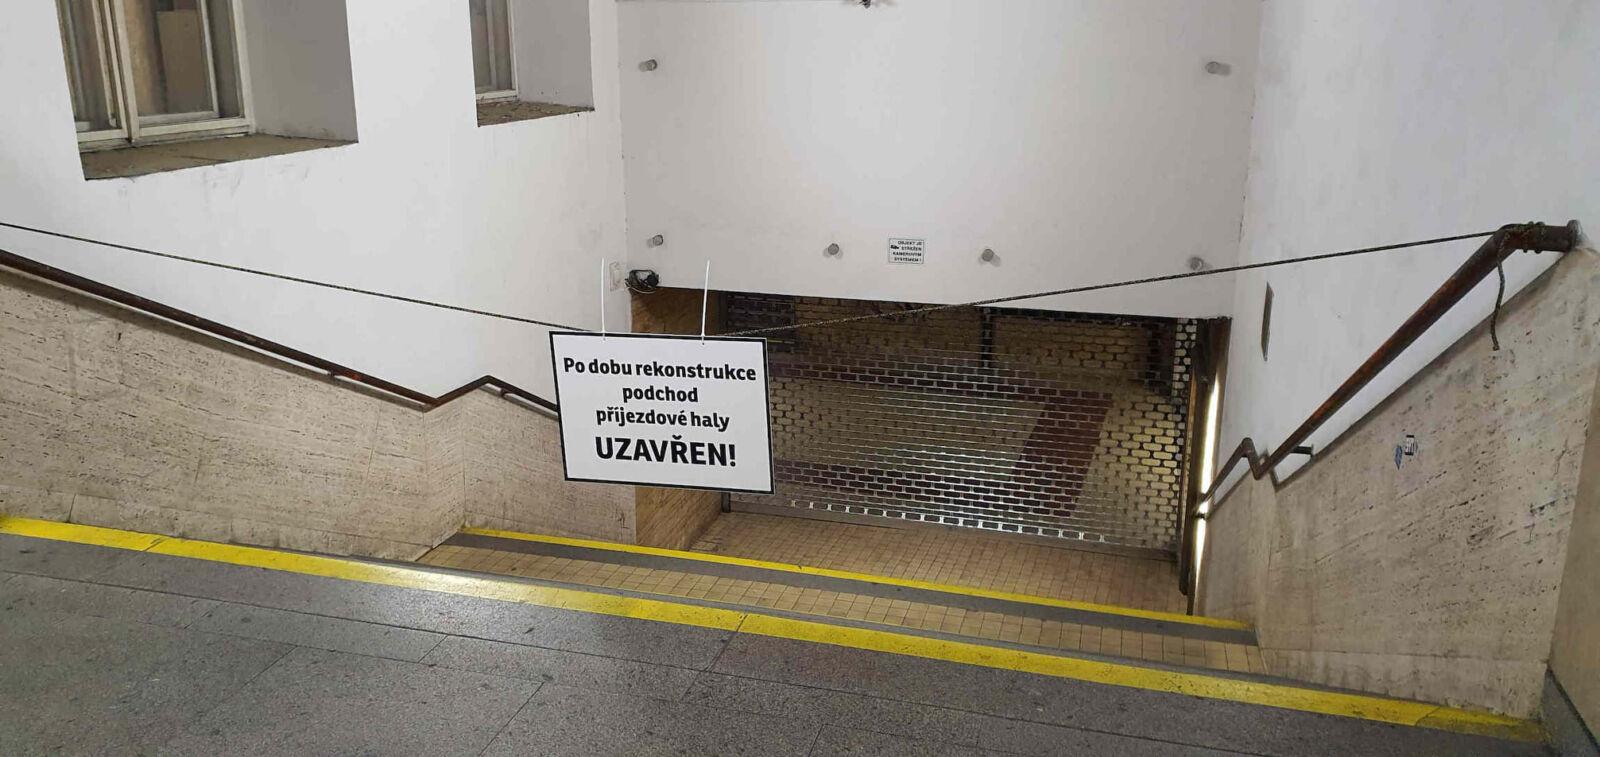 Oprava pravého podchodu pod brněnským nádražím